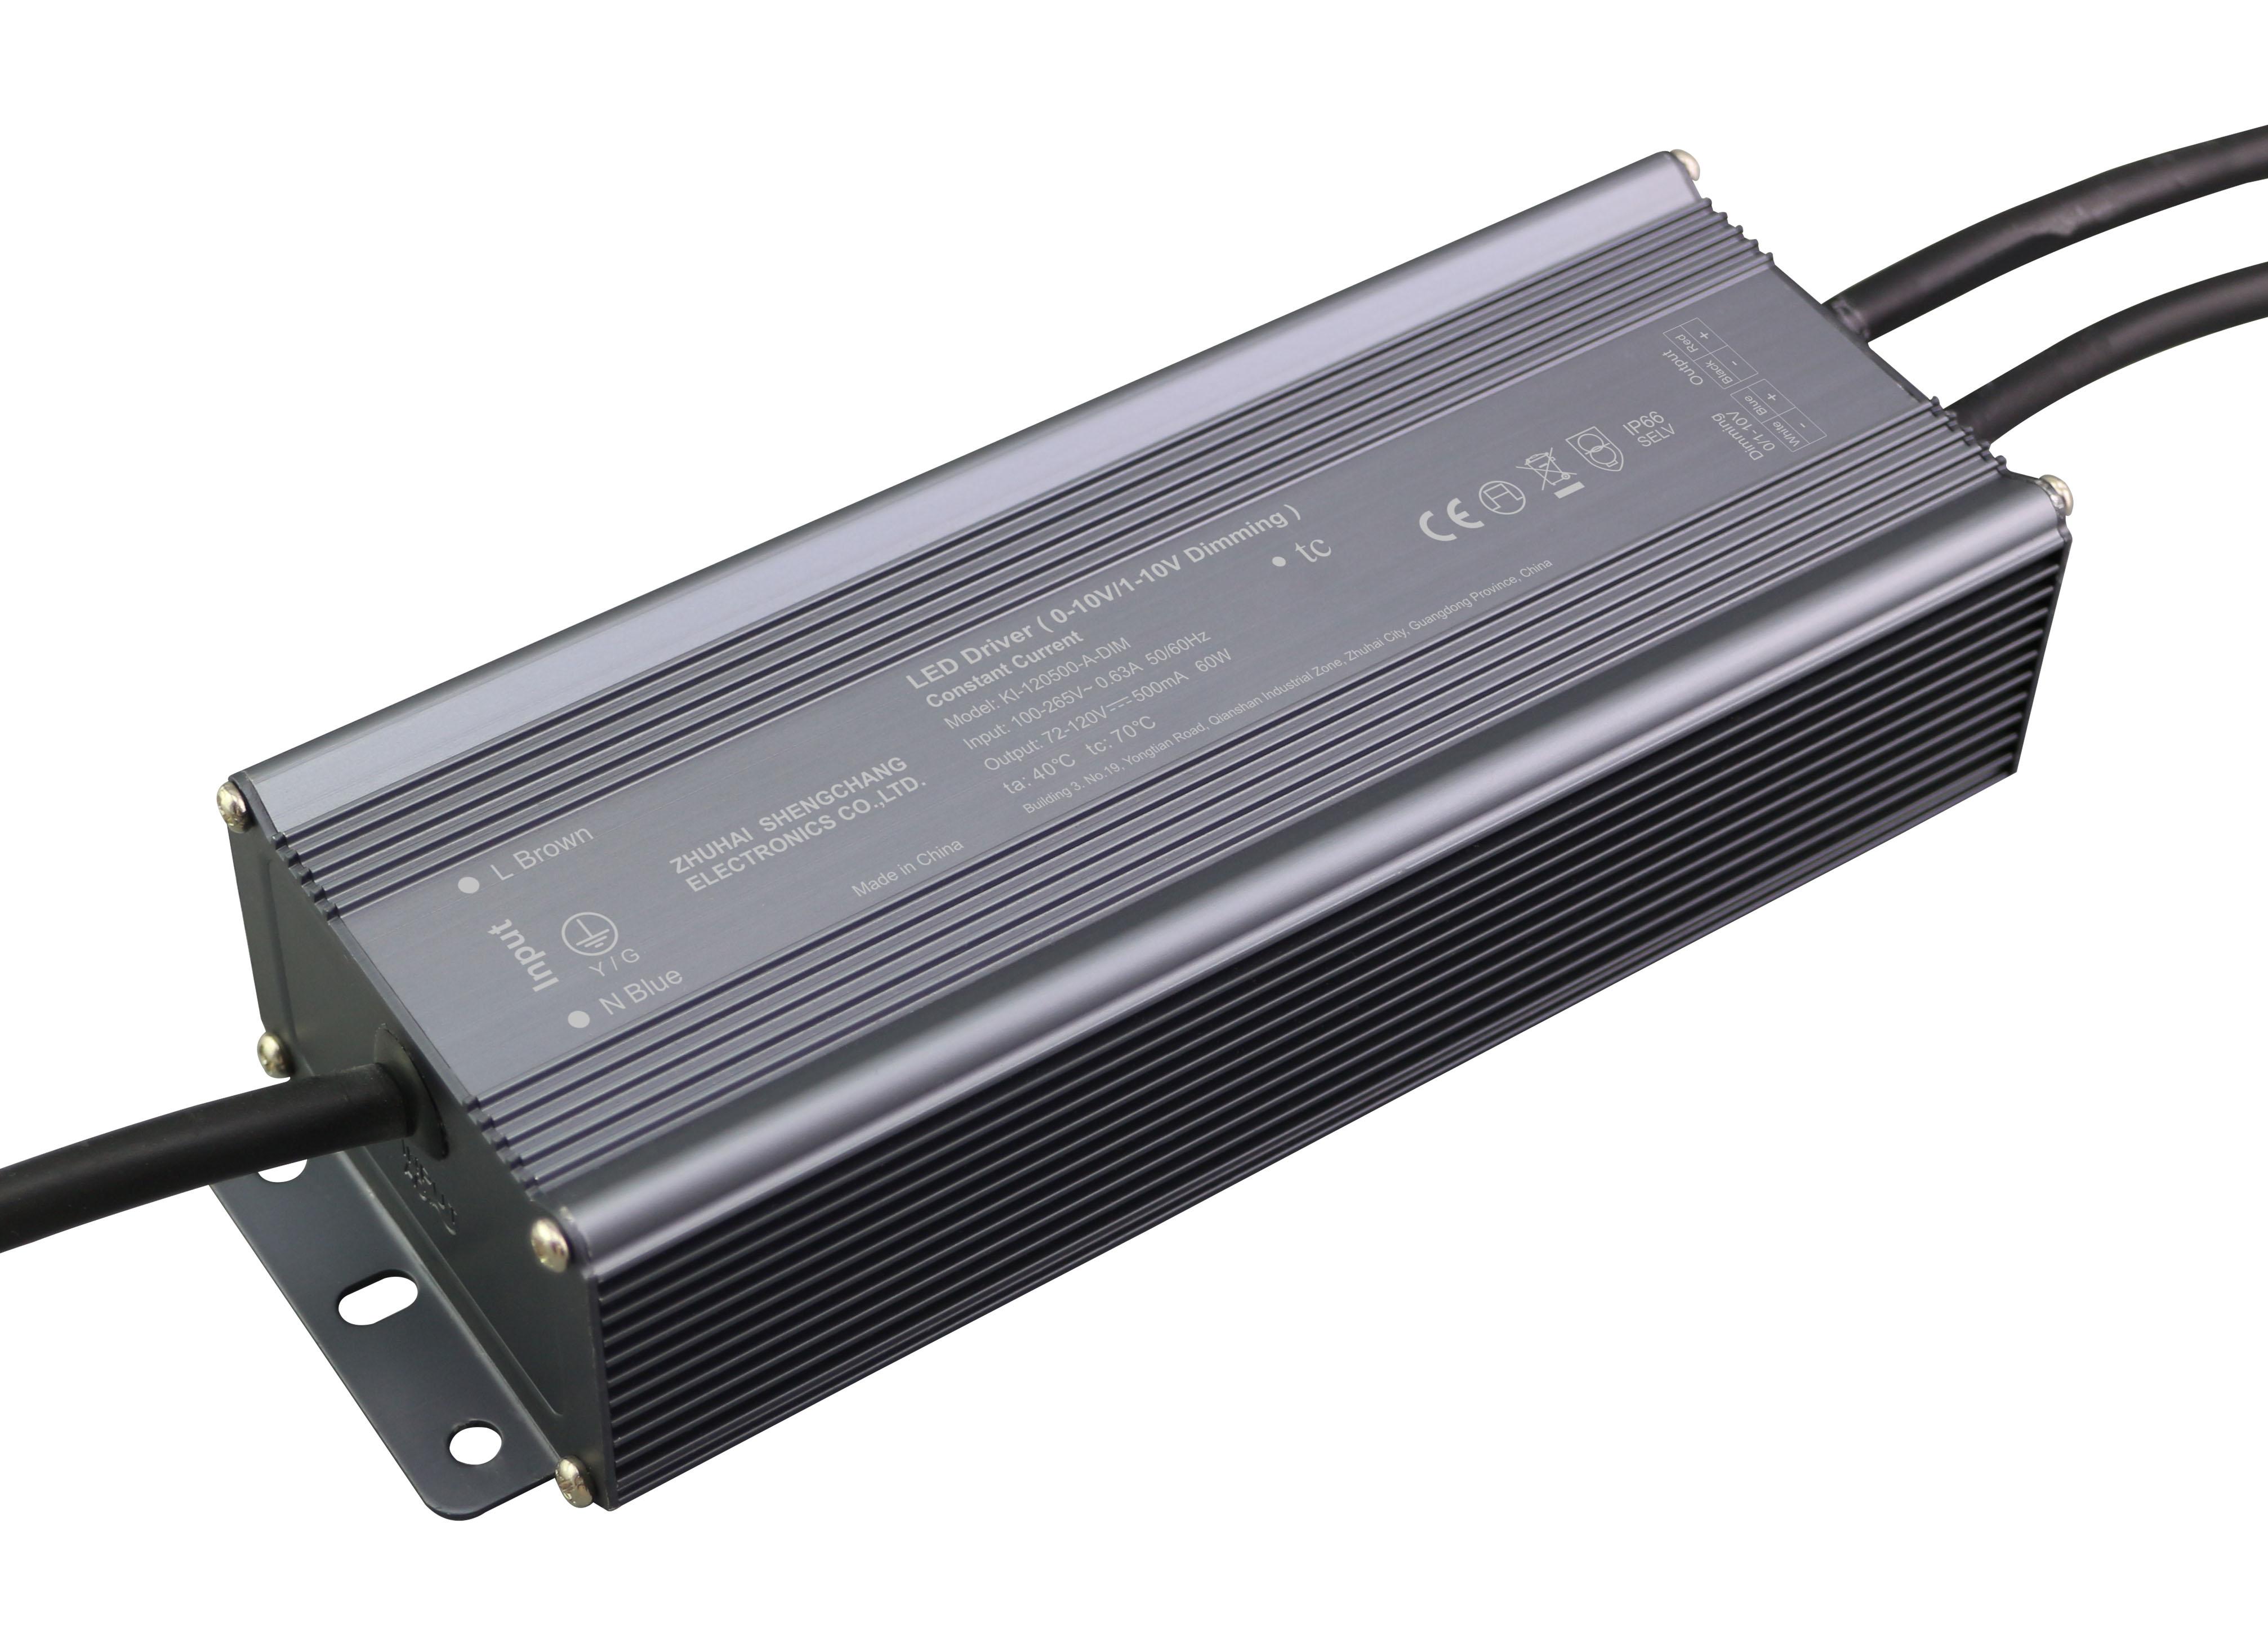 60W 0/1-10V 恒流调光电源